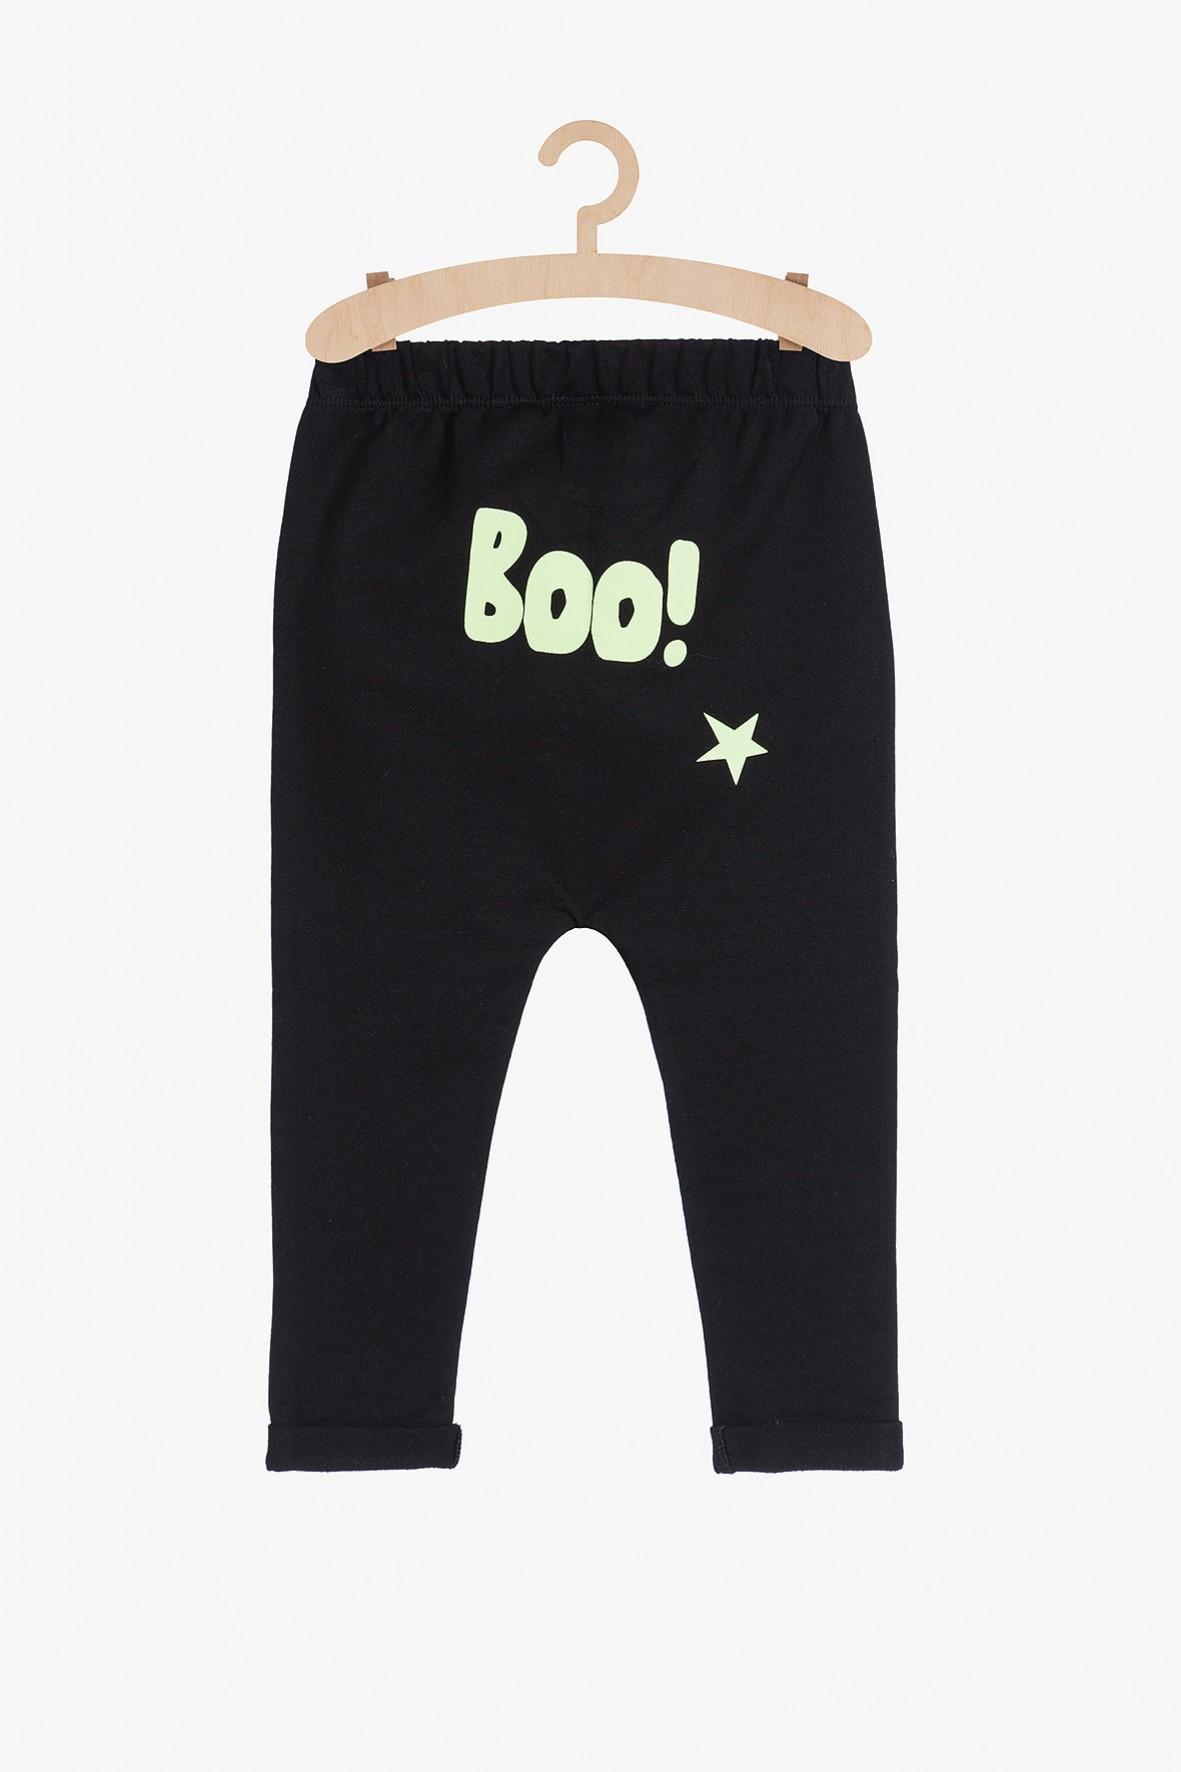 Spodnie dresowe dla niemowlaka Boo!